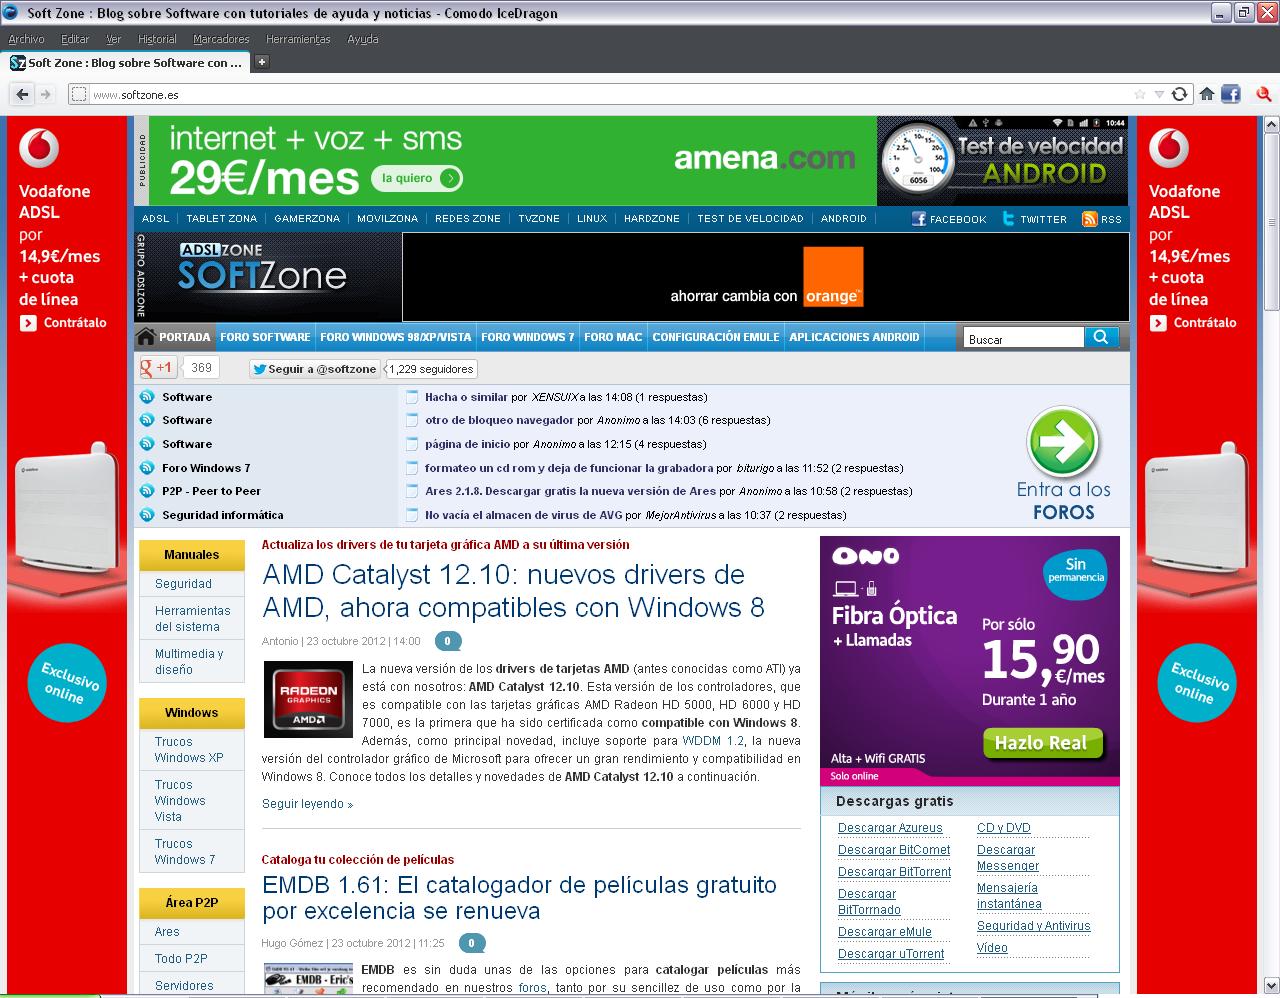 Comodo IceDragon 16.1.1: seguro navegador basado en Mozilla Firefox Comodo_IceDragon_interfaz